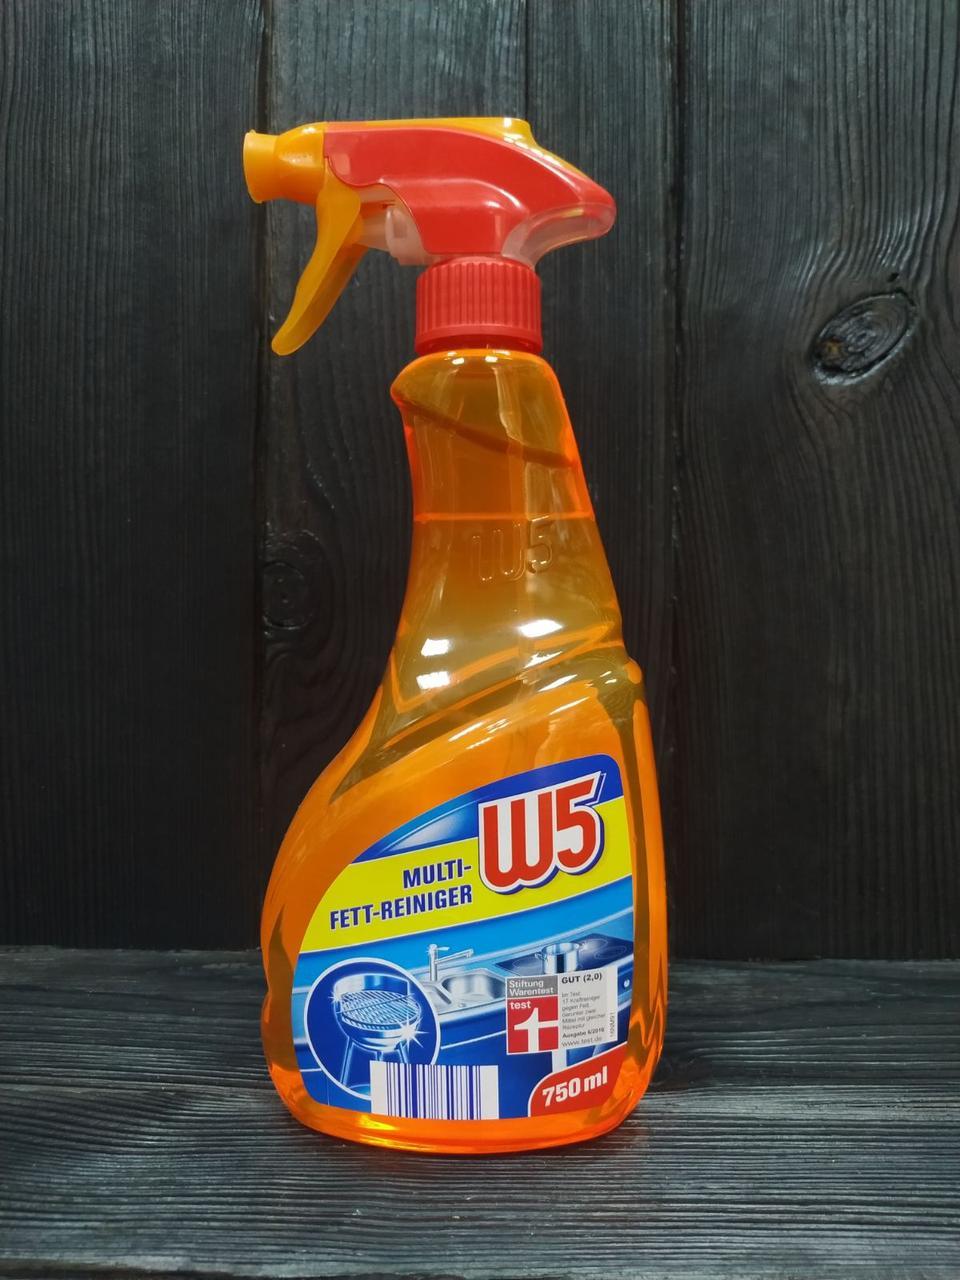 W5 очиститель для кухни Multi средство от жира 750 ml